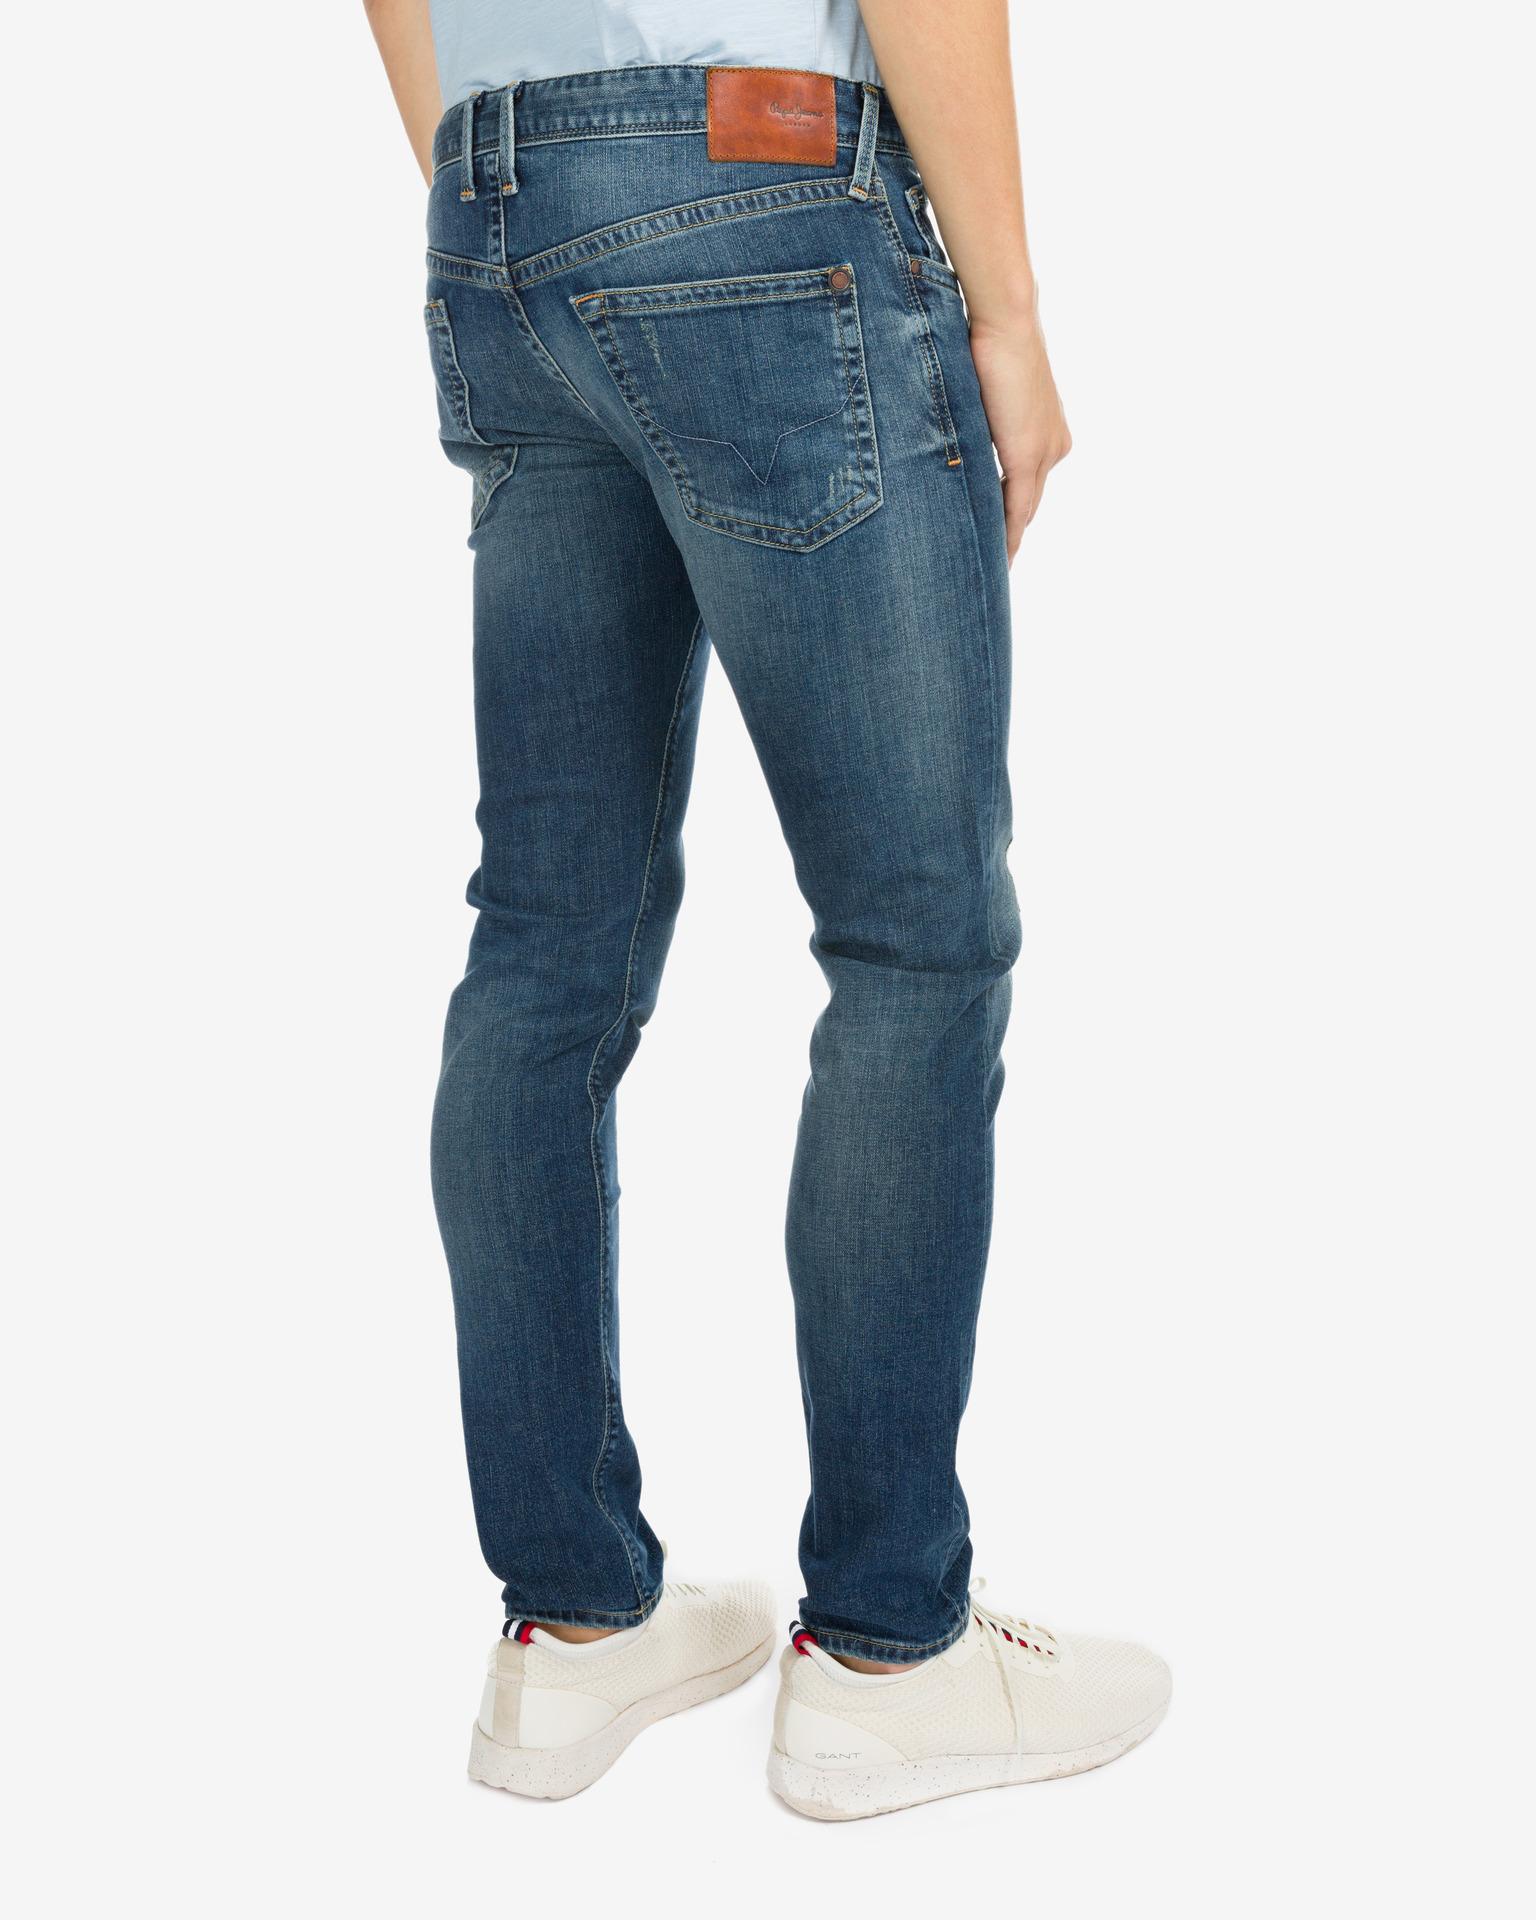 Pepe Jeans - Hatch Jeans  8daeece840